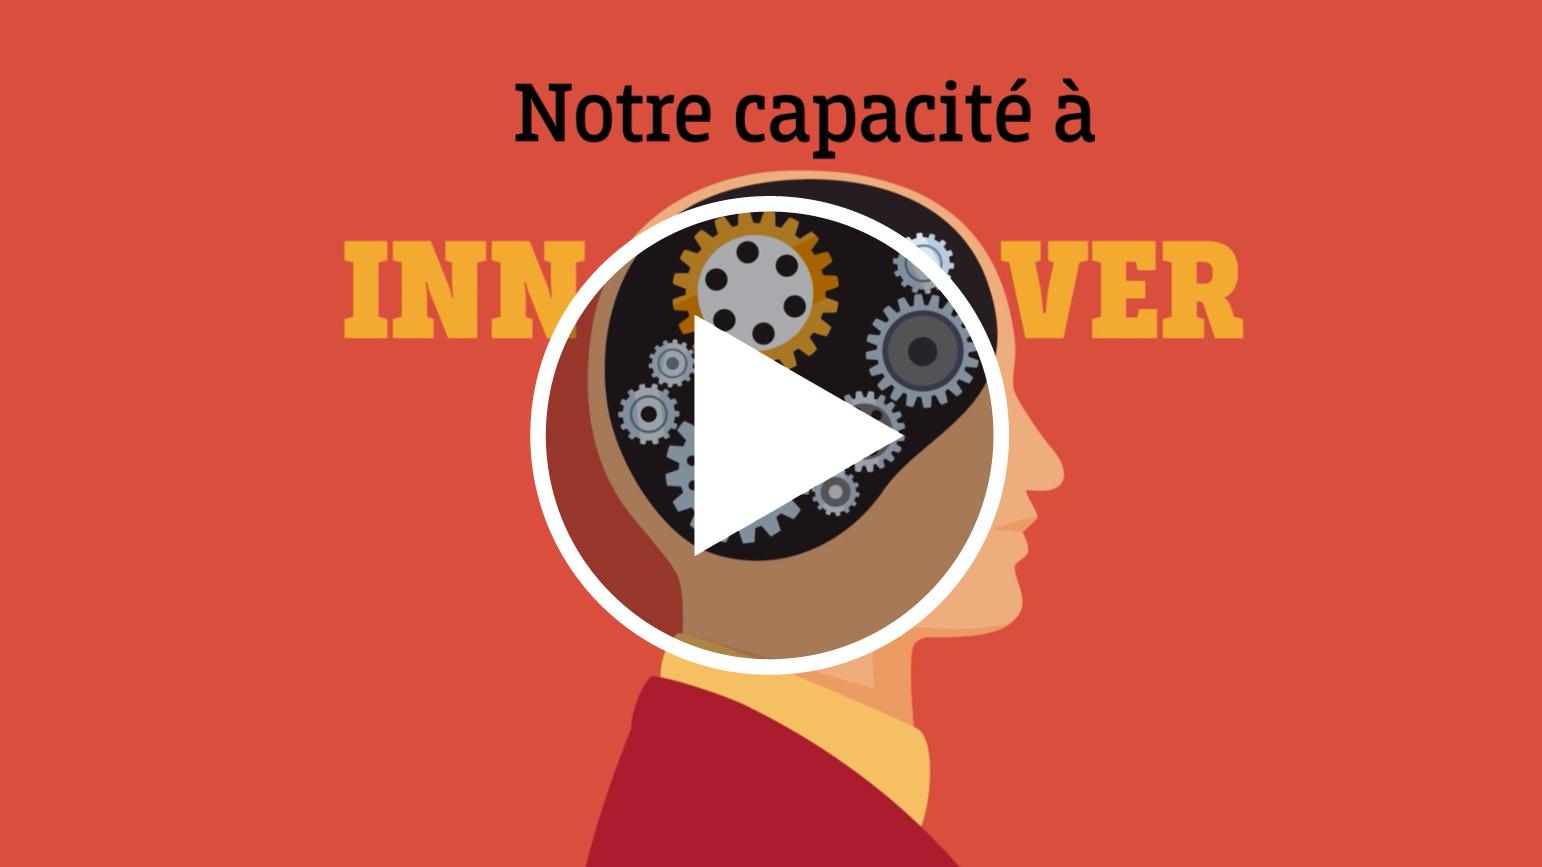 2- Notre capacité à innover